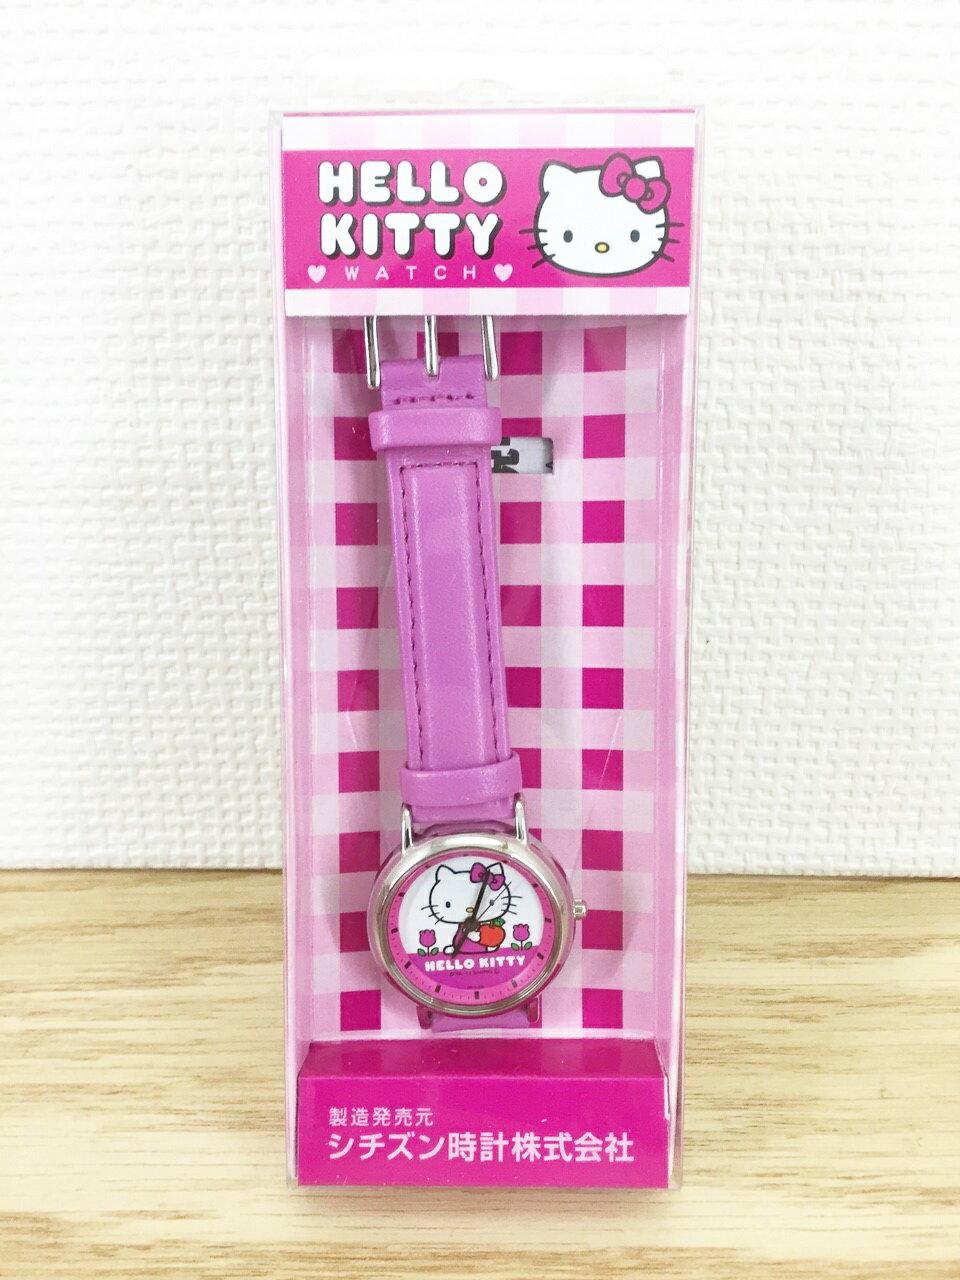 【真愛日本】16012200005 桃皮革帶錶-銀圓坐姿鬱金香抱蘋果 KITTY 凱蒂貓 三麗鷗 手錶 錶飾 卡通錶